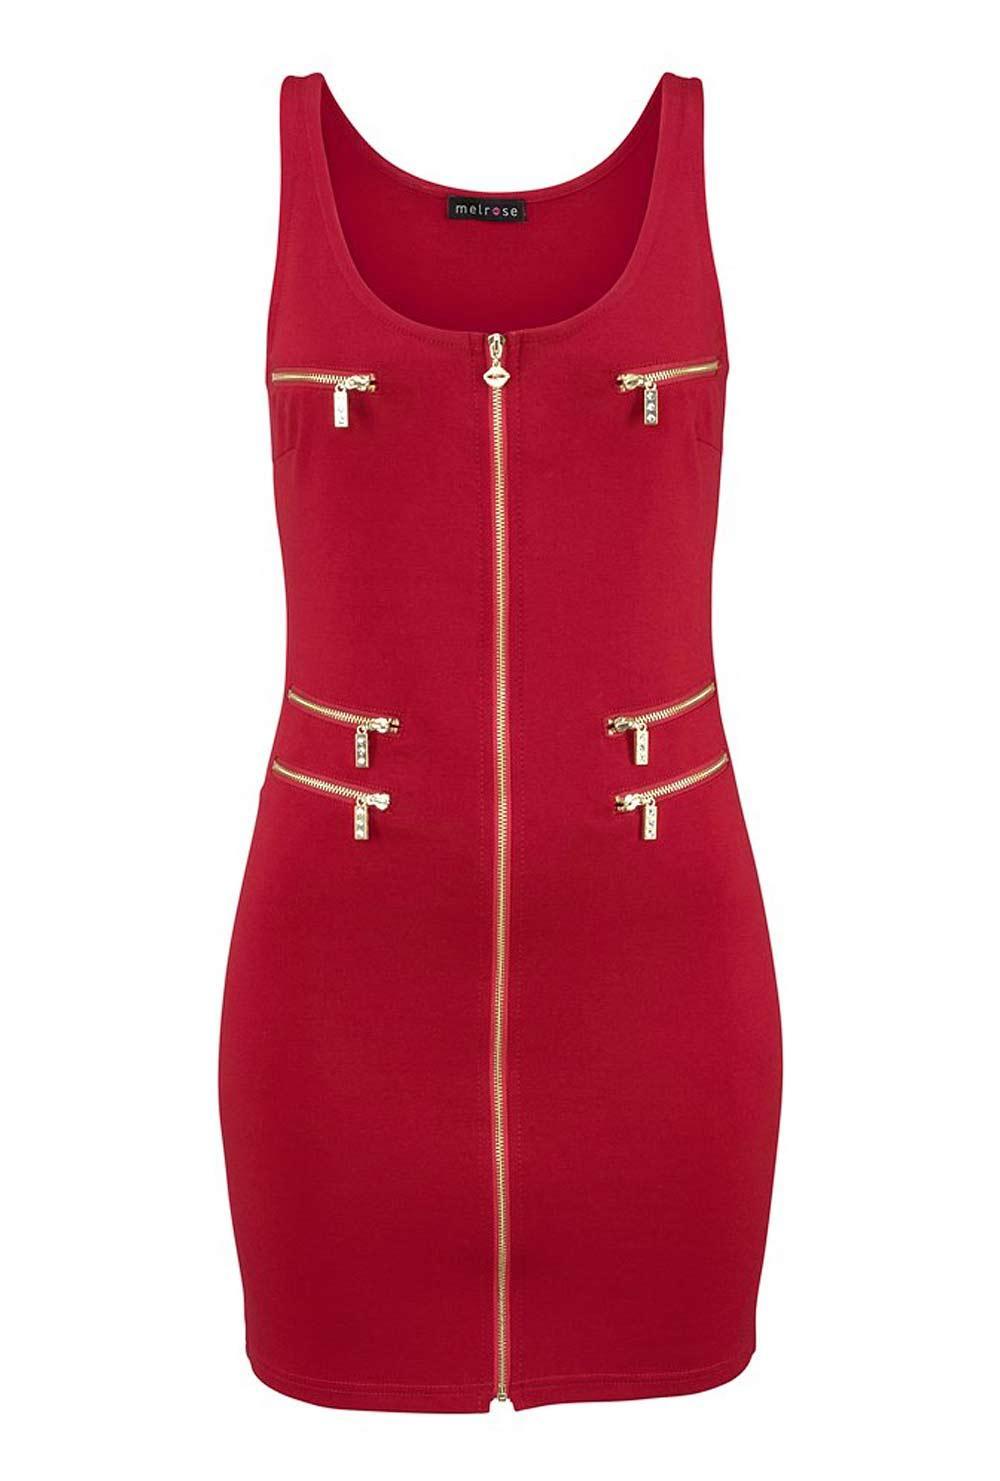 Reißverschluß-Kleid rot Größe 38 | Kleider | Outlet Mode-Shop